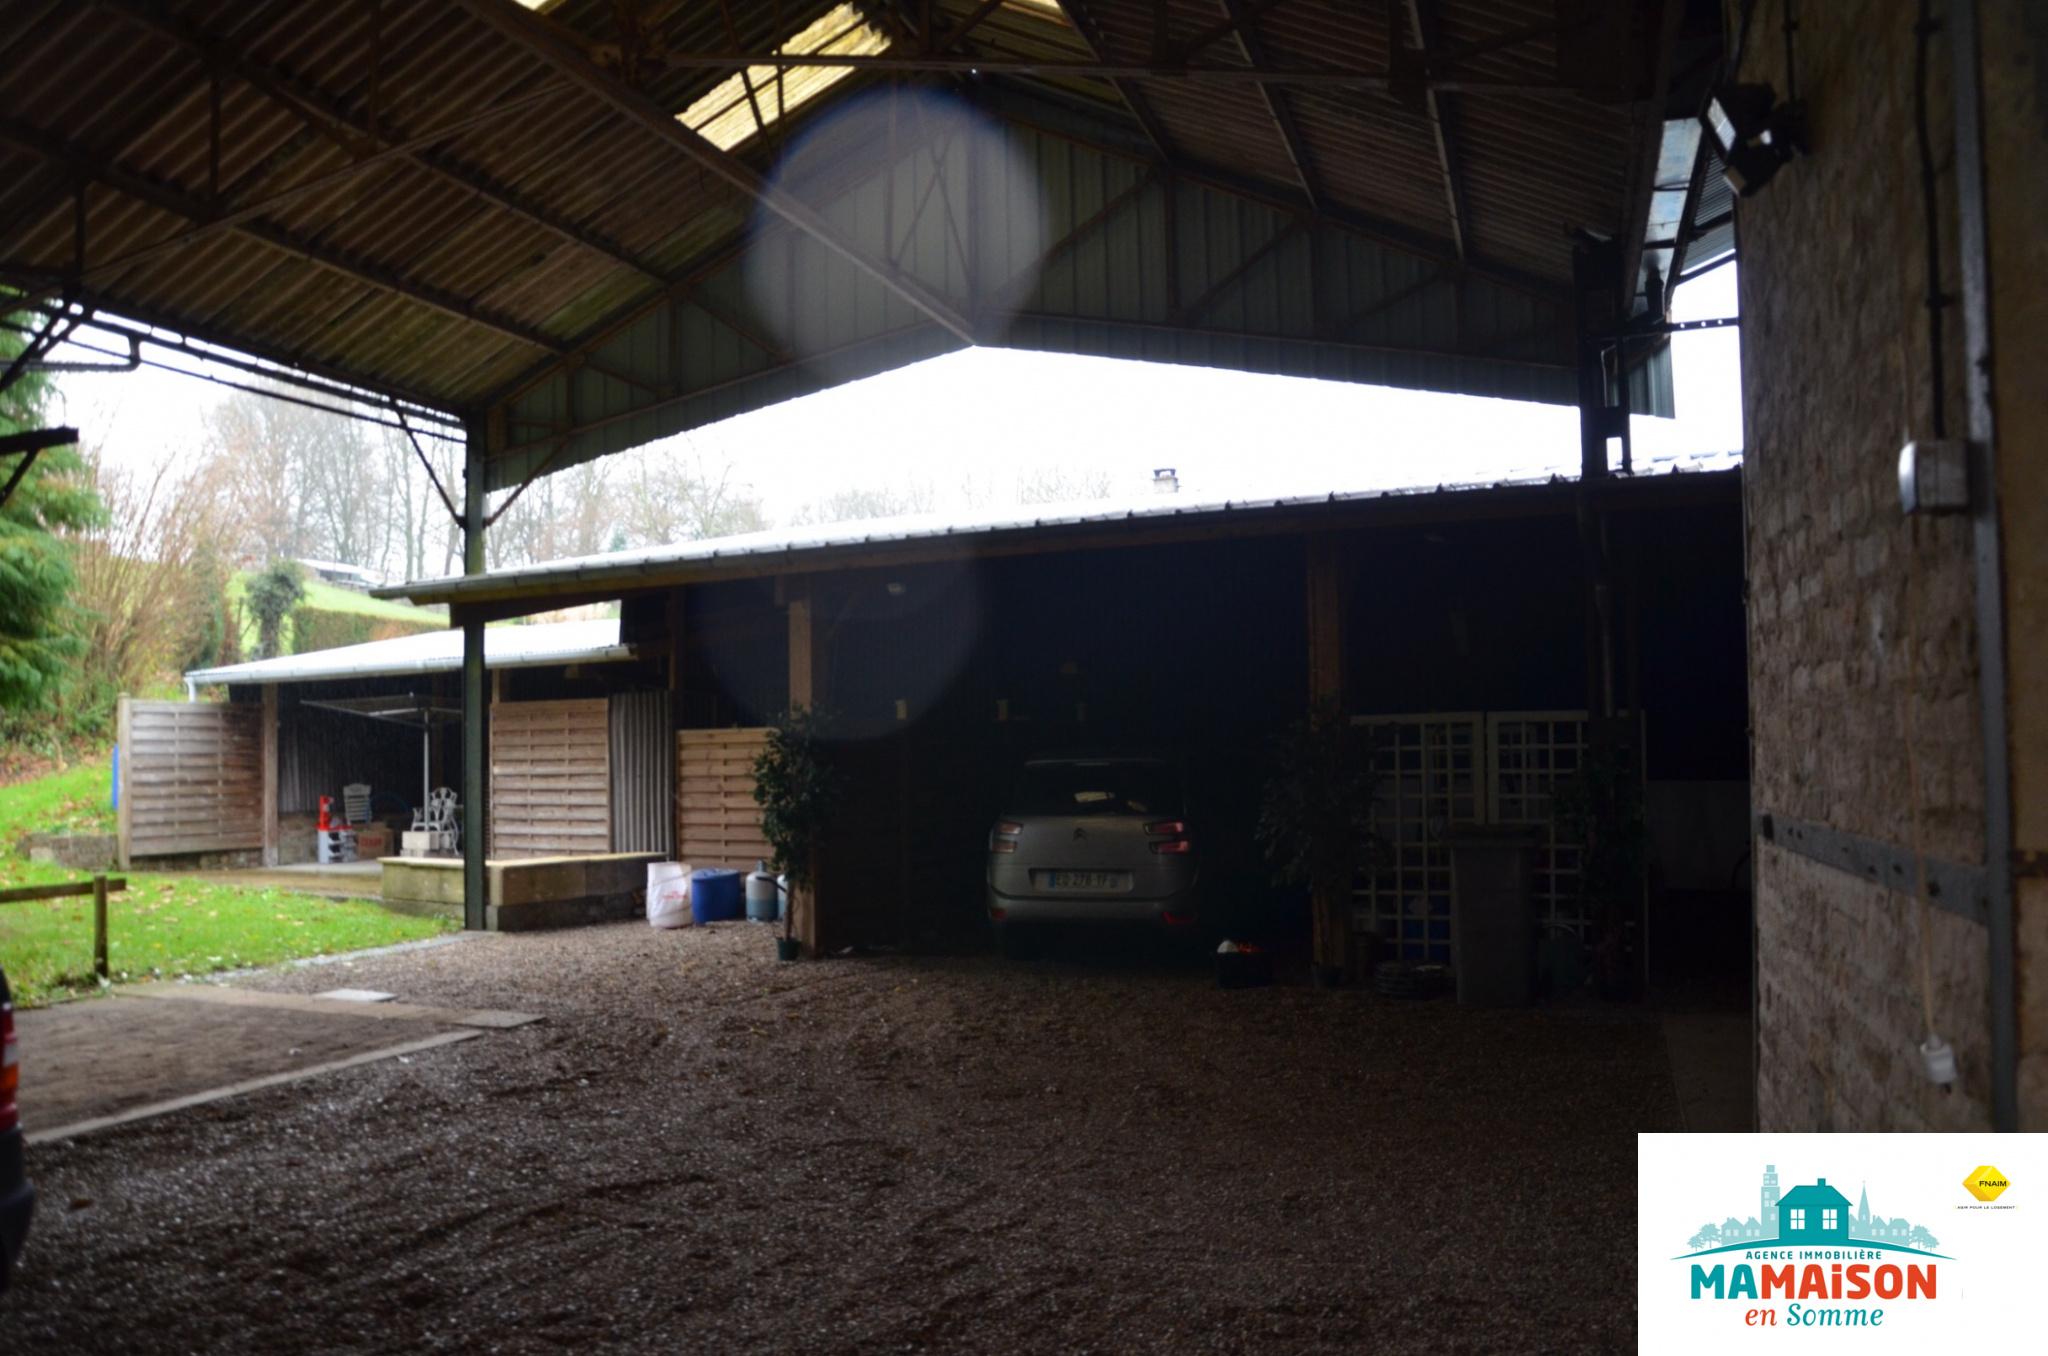 Maison en Somme plain pied Beauval chevaux